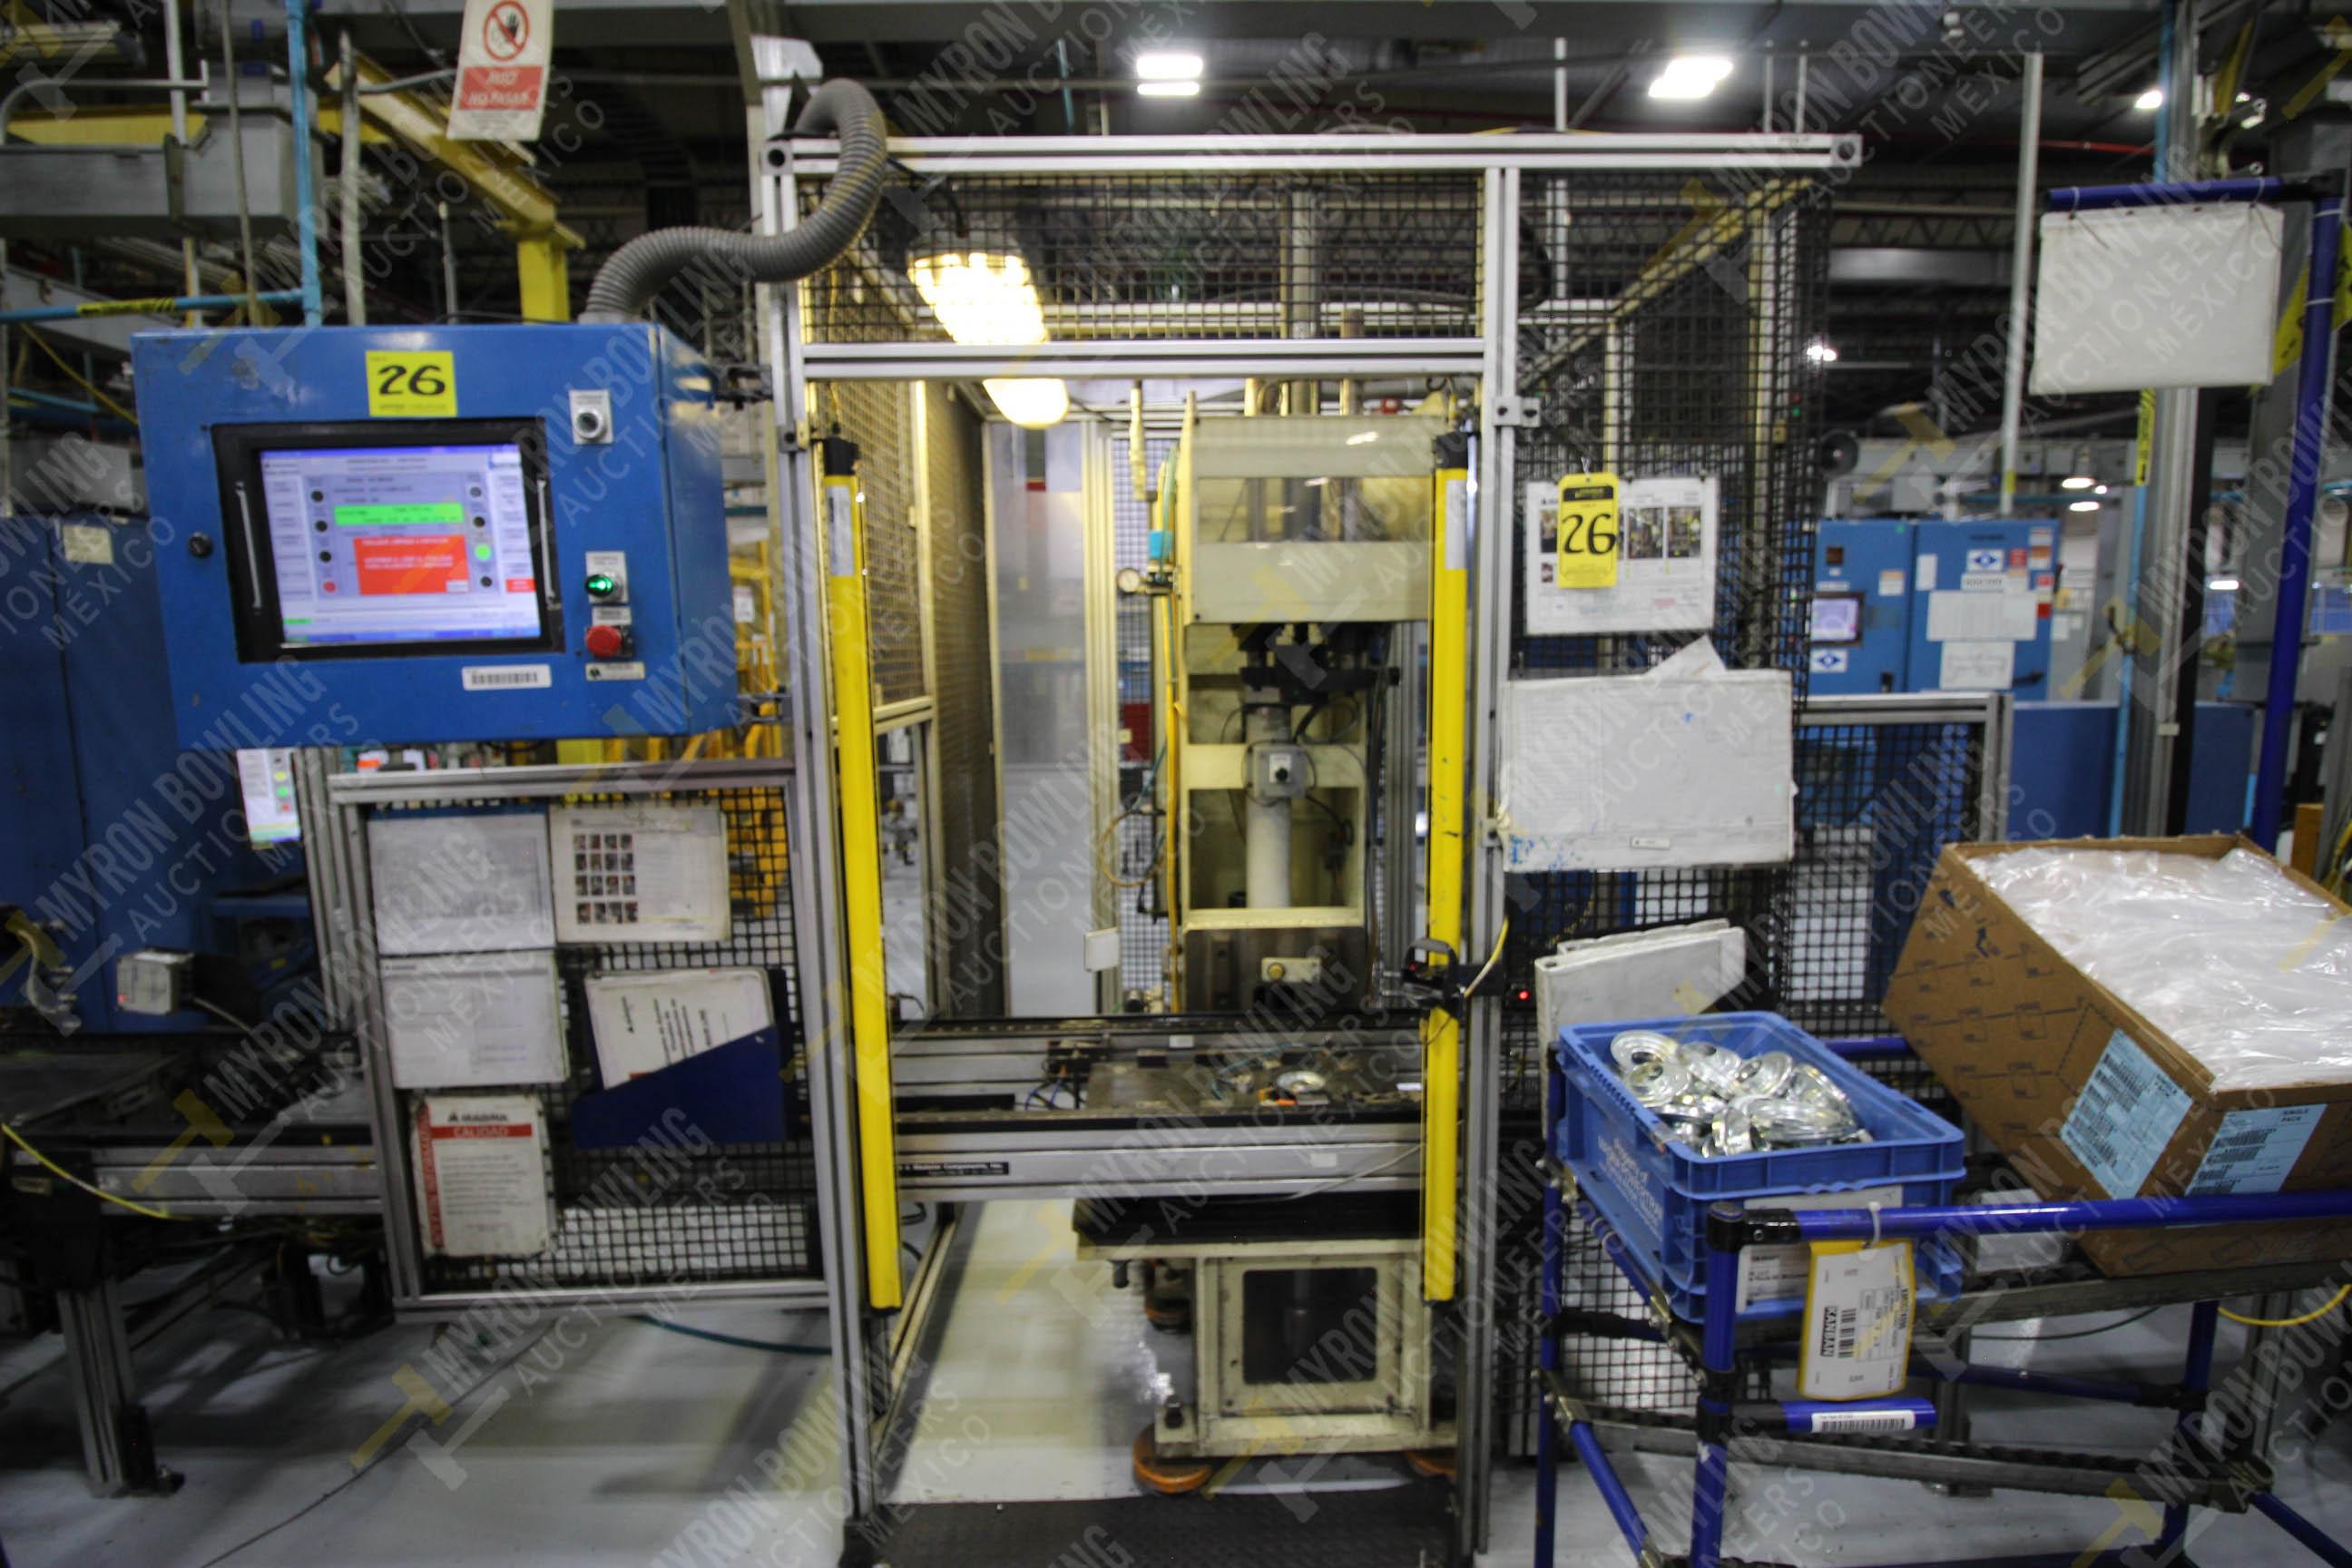 Estación manual para operación 383, contiene: Prensa marca PROMESS en estructura de placa de acero